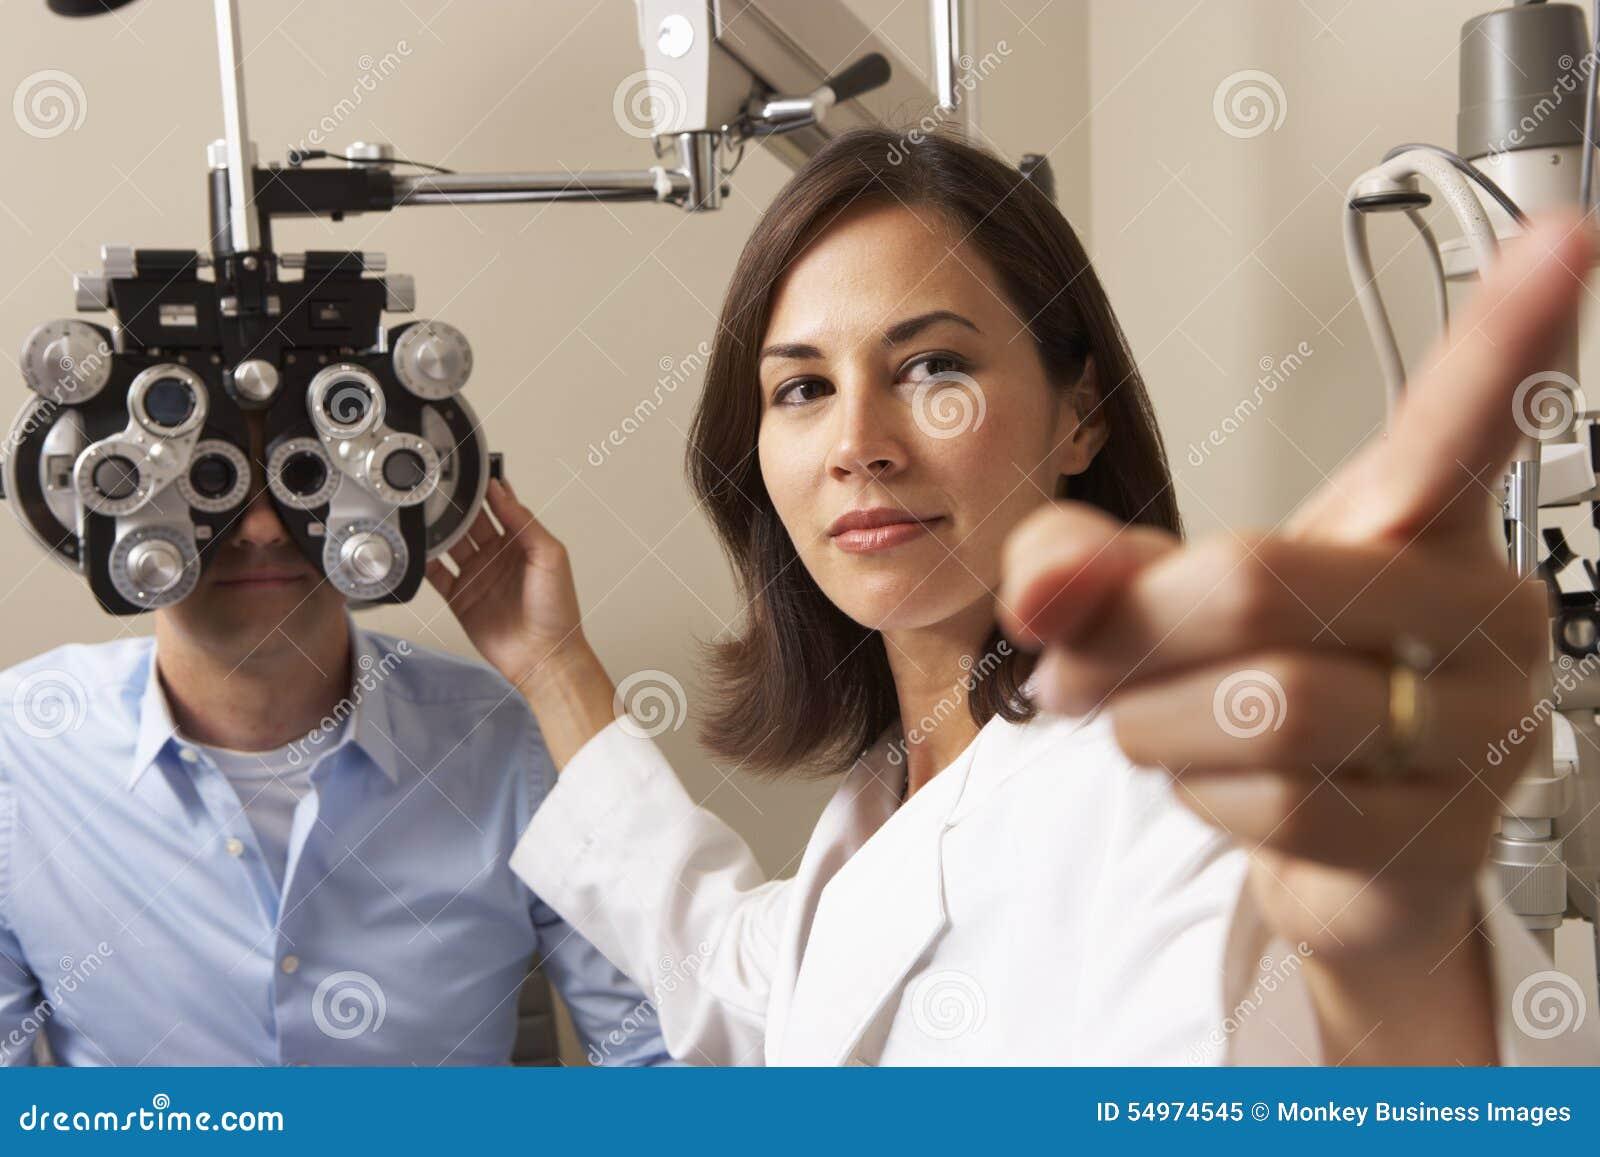 Prueba femenina del ojo del hombre de In Surgery Giving del óptico